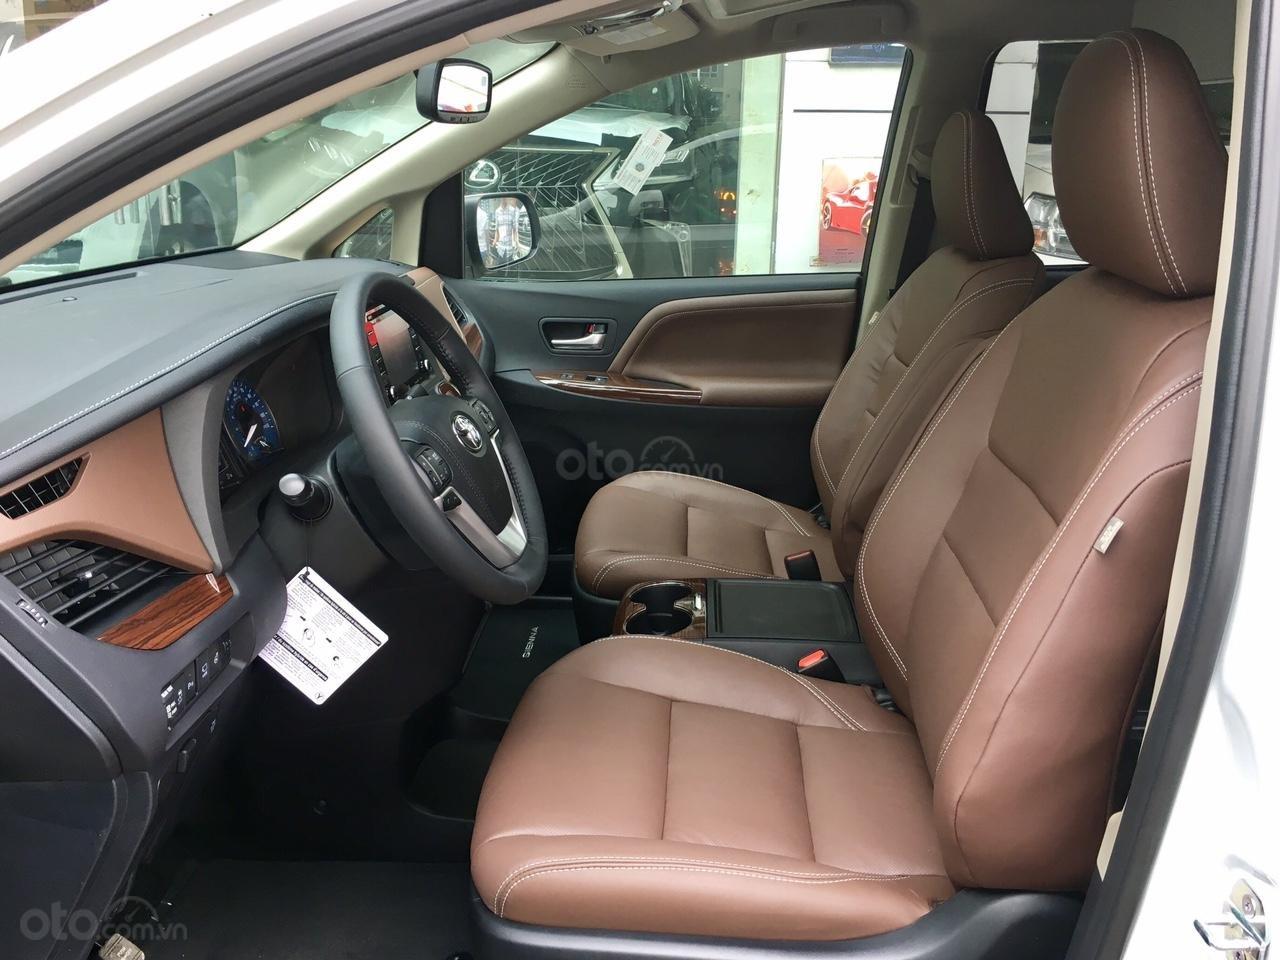 Bán Toyota Sienna Limited 1 cầu 2019, nhập Mỹ đủ màu, Lh 0945.39.2468 Ms Hương (17)